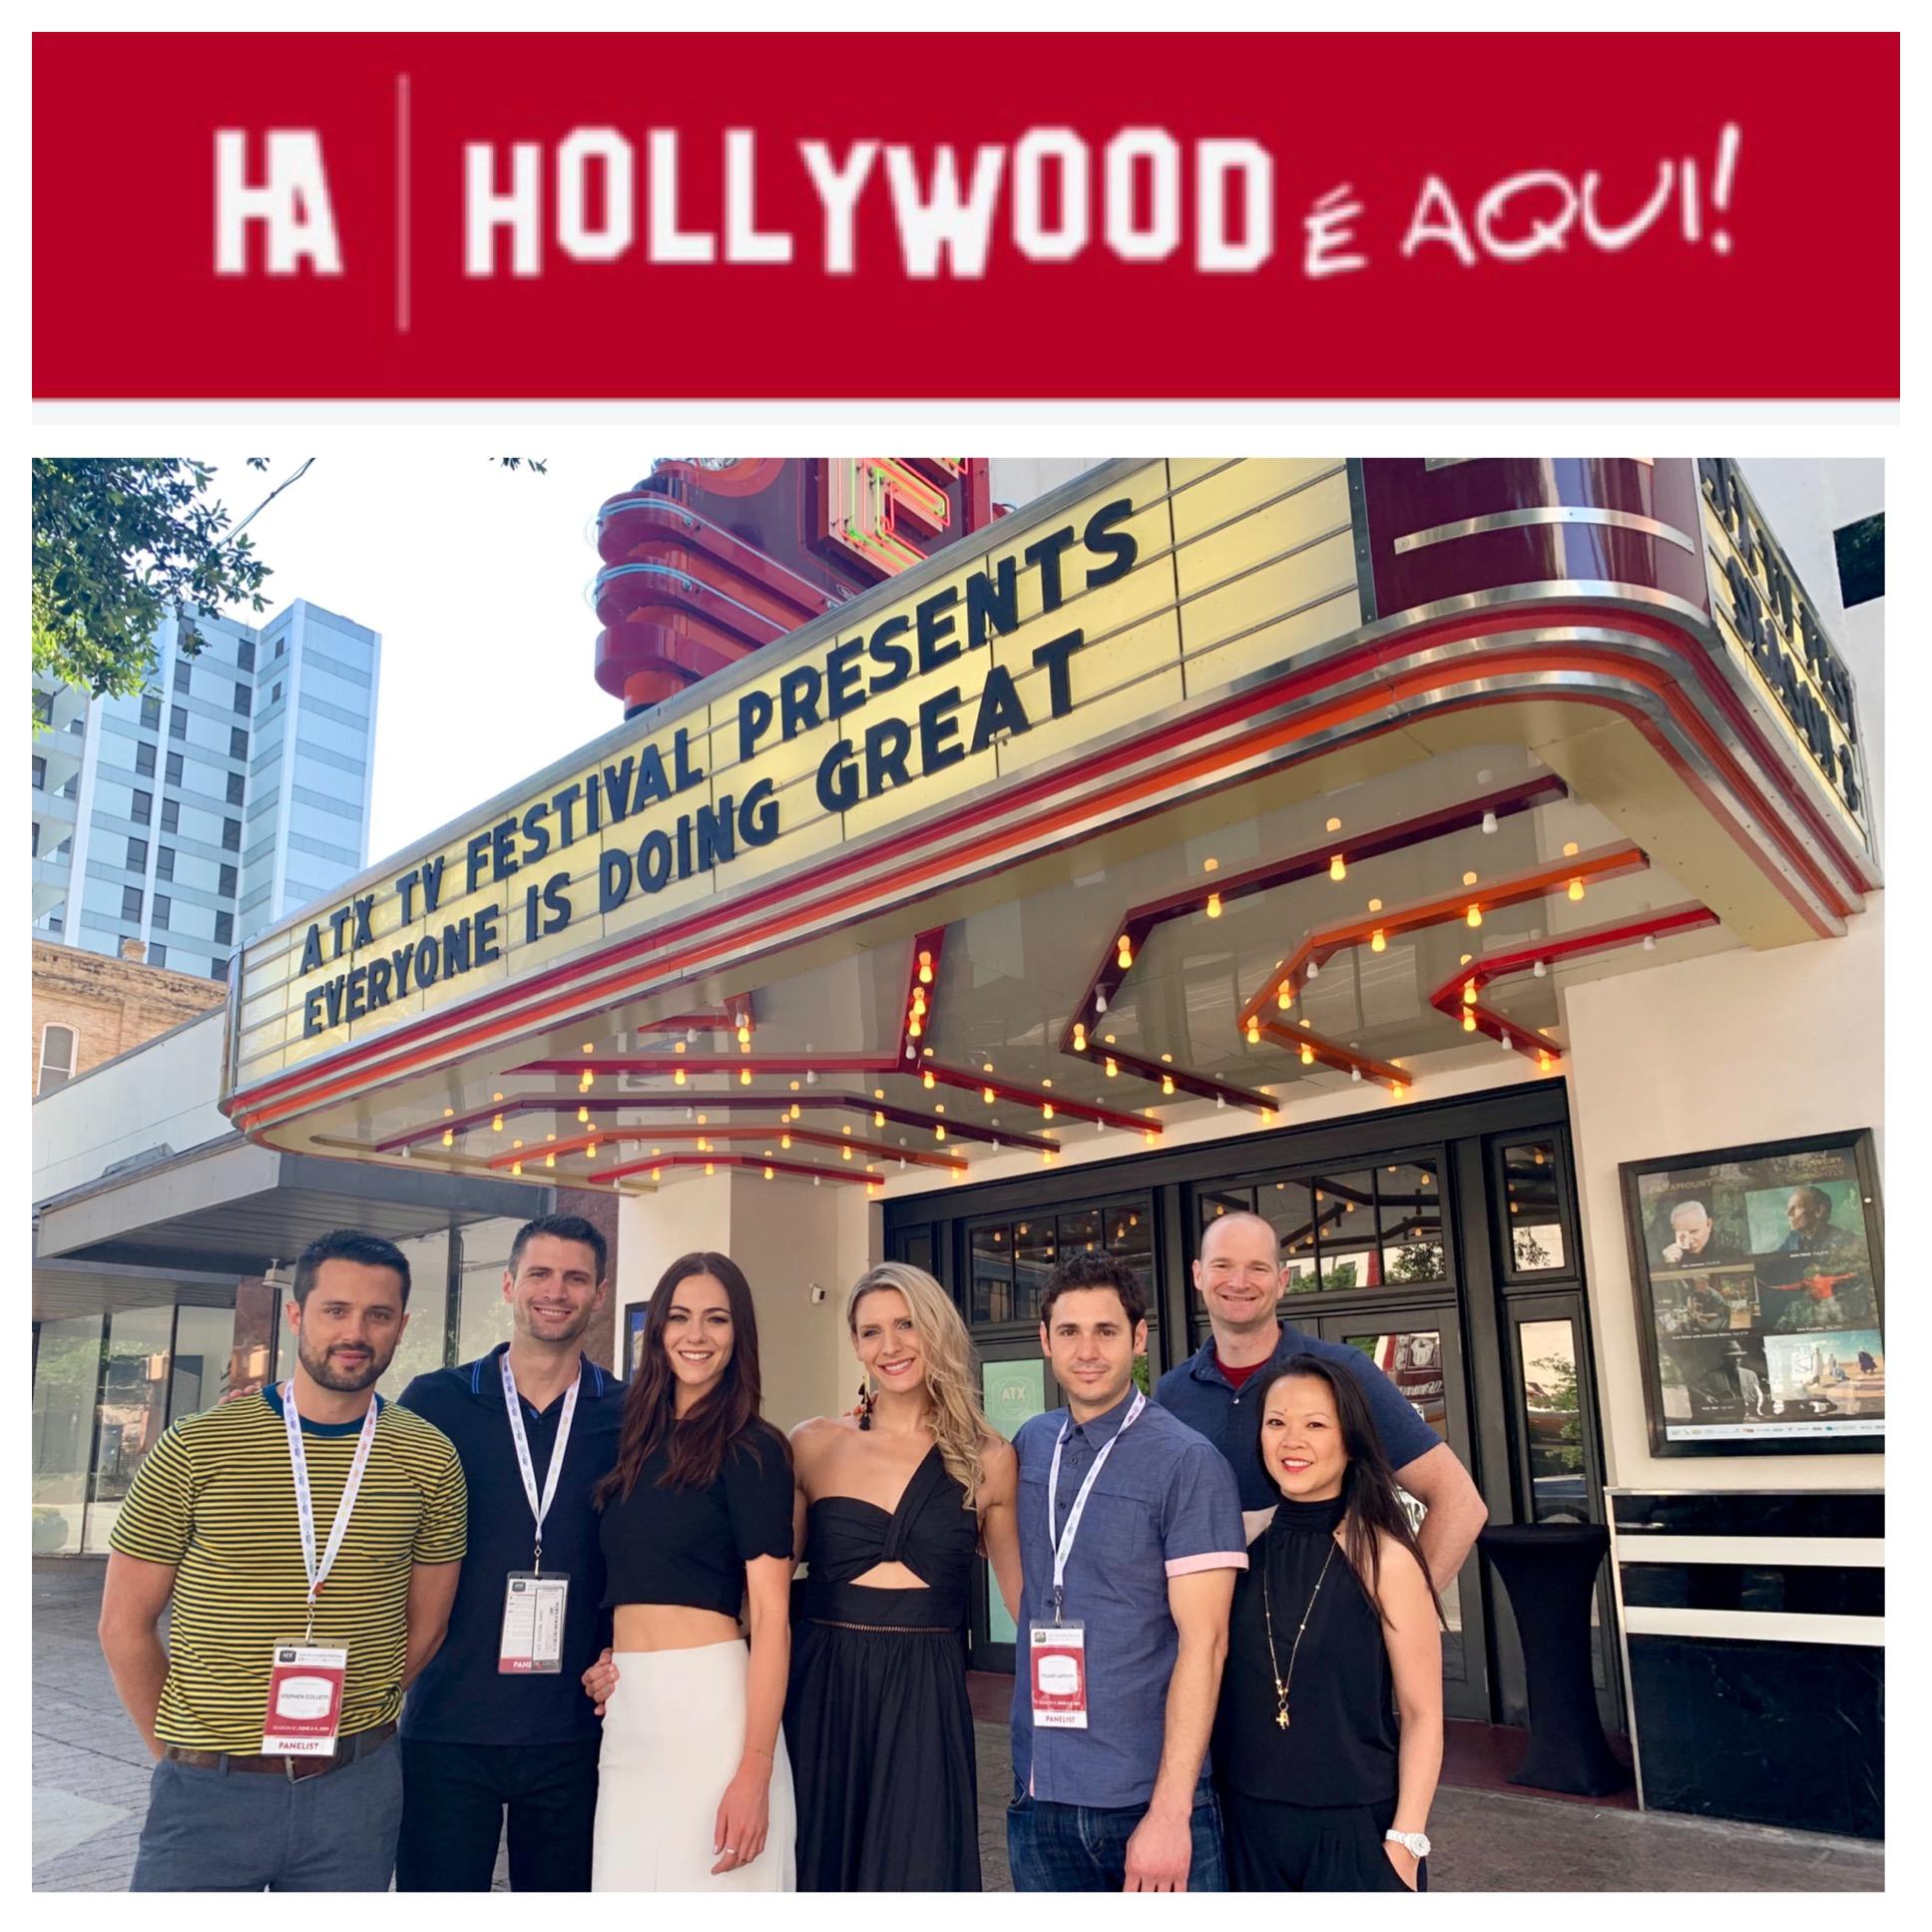 """- (Brazil) (Hollywood É Aqui, July 17, 2019) Ngoc Nguyen, 'Everyone is Doing Great' / 'Power On'Em bate-papo no ATX Festival, produtora de """"Power On"""" e """"EDG"""" fala sobre projetos e a paixão pelo trabalho."""